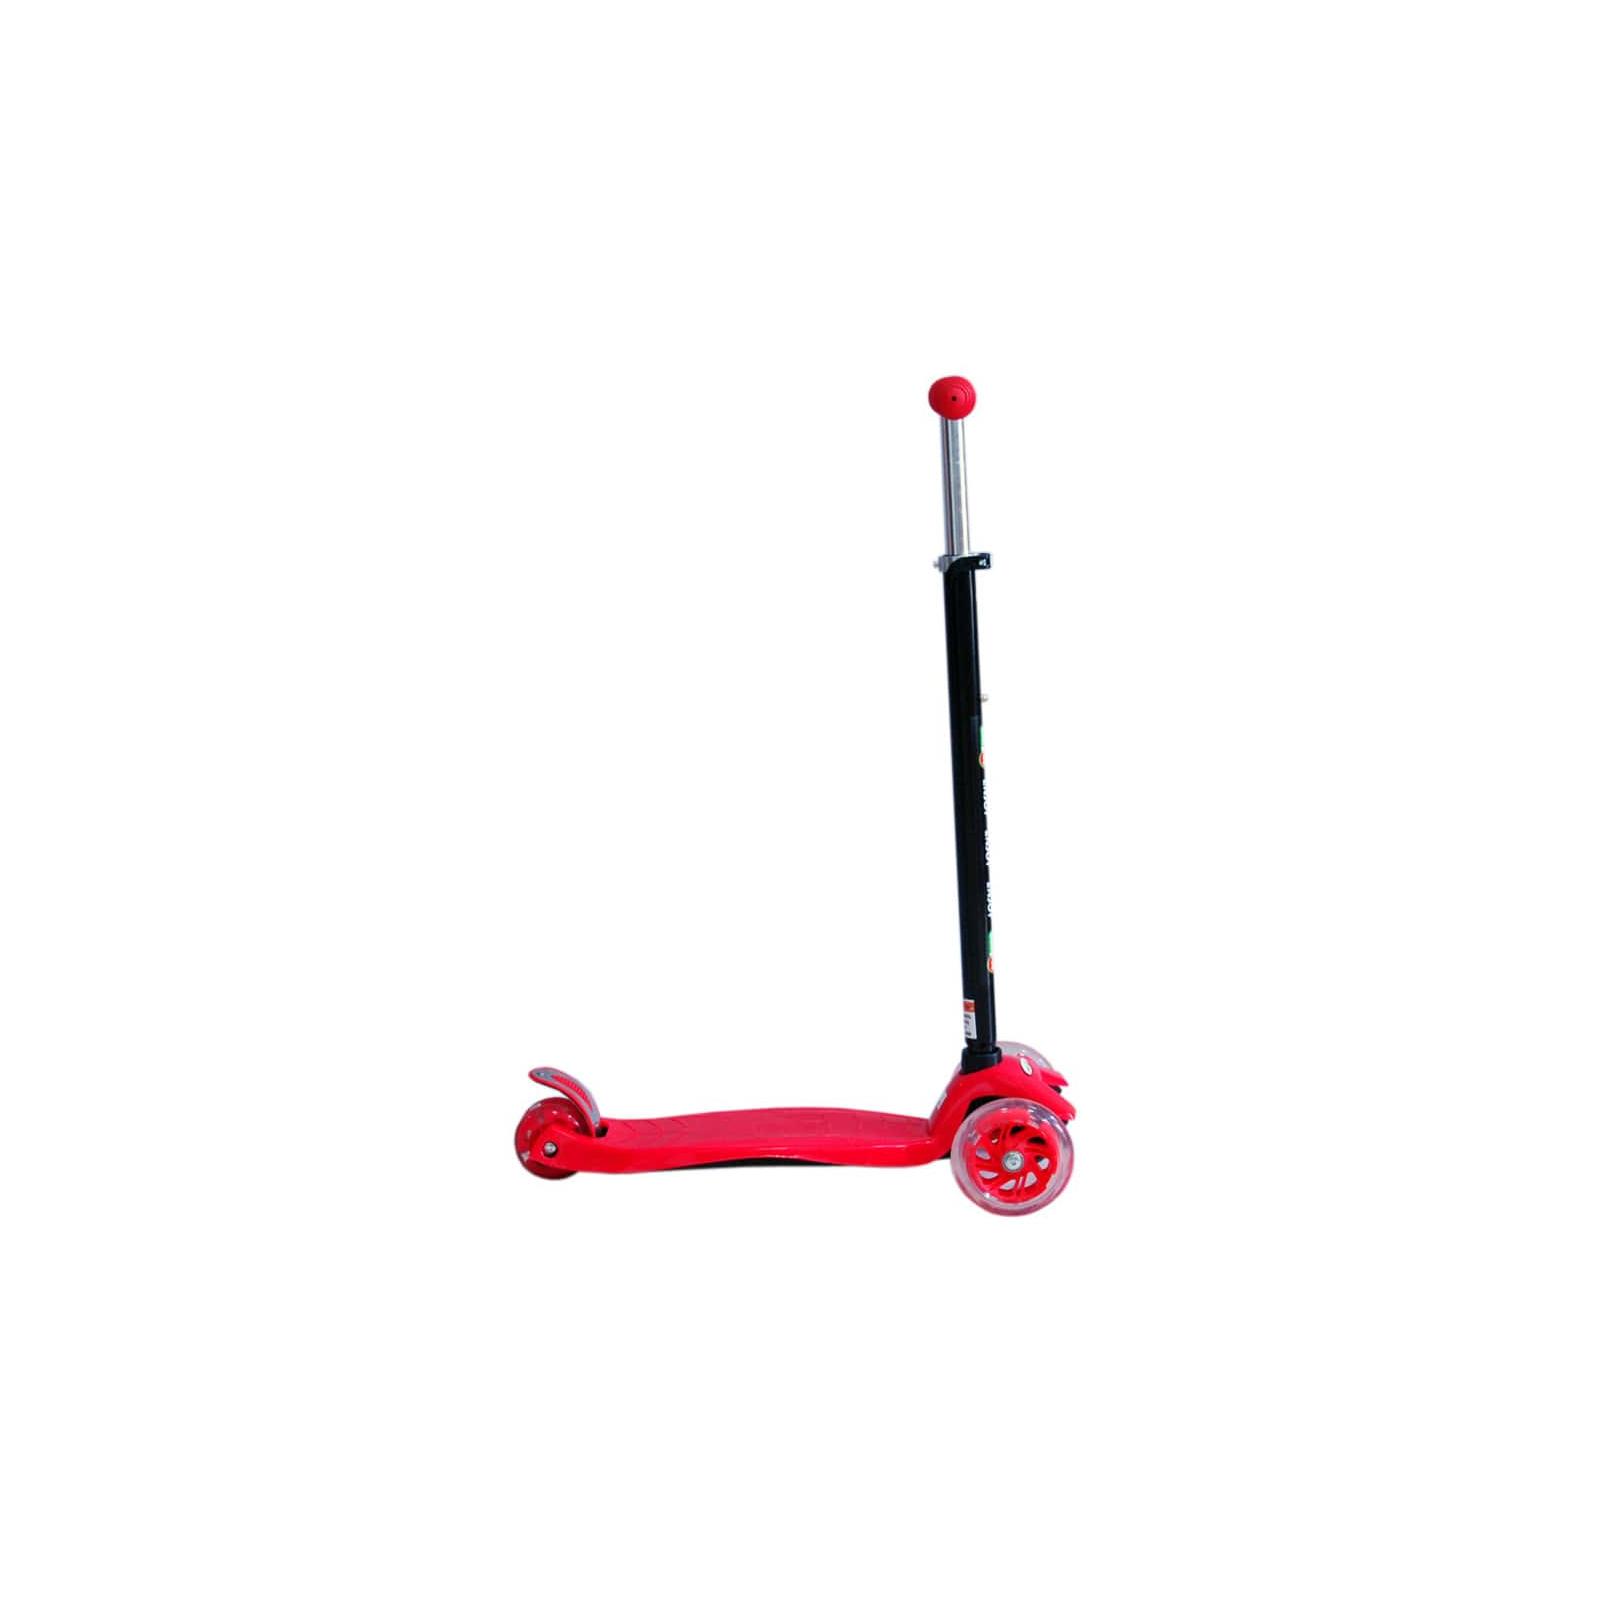 Скутер BabyHit Enjoy Red (14114) изображение 2